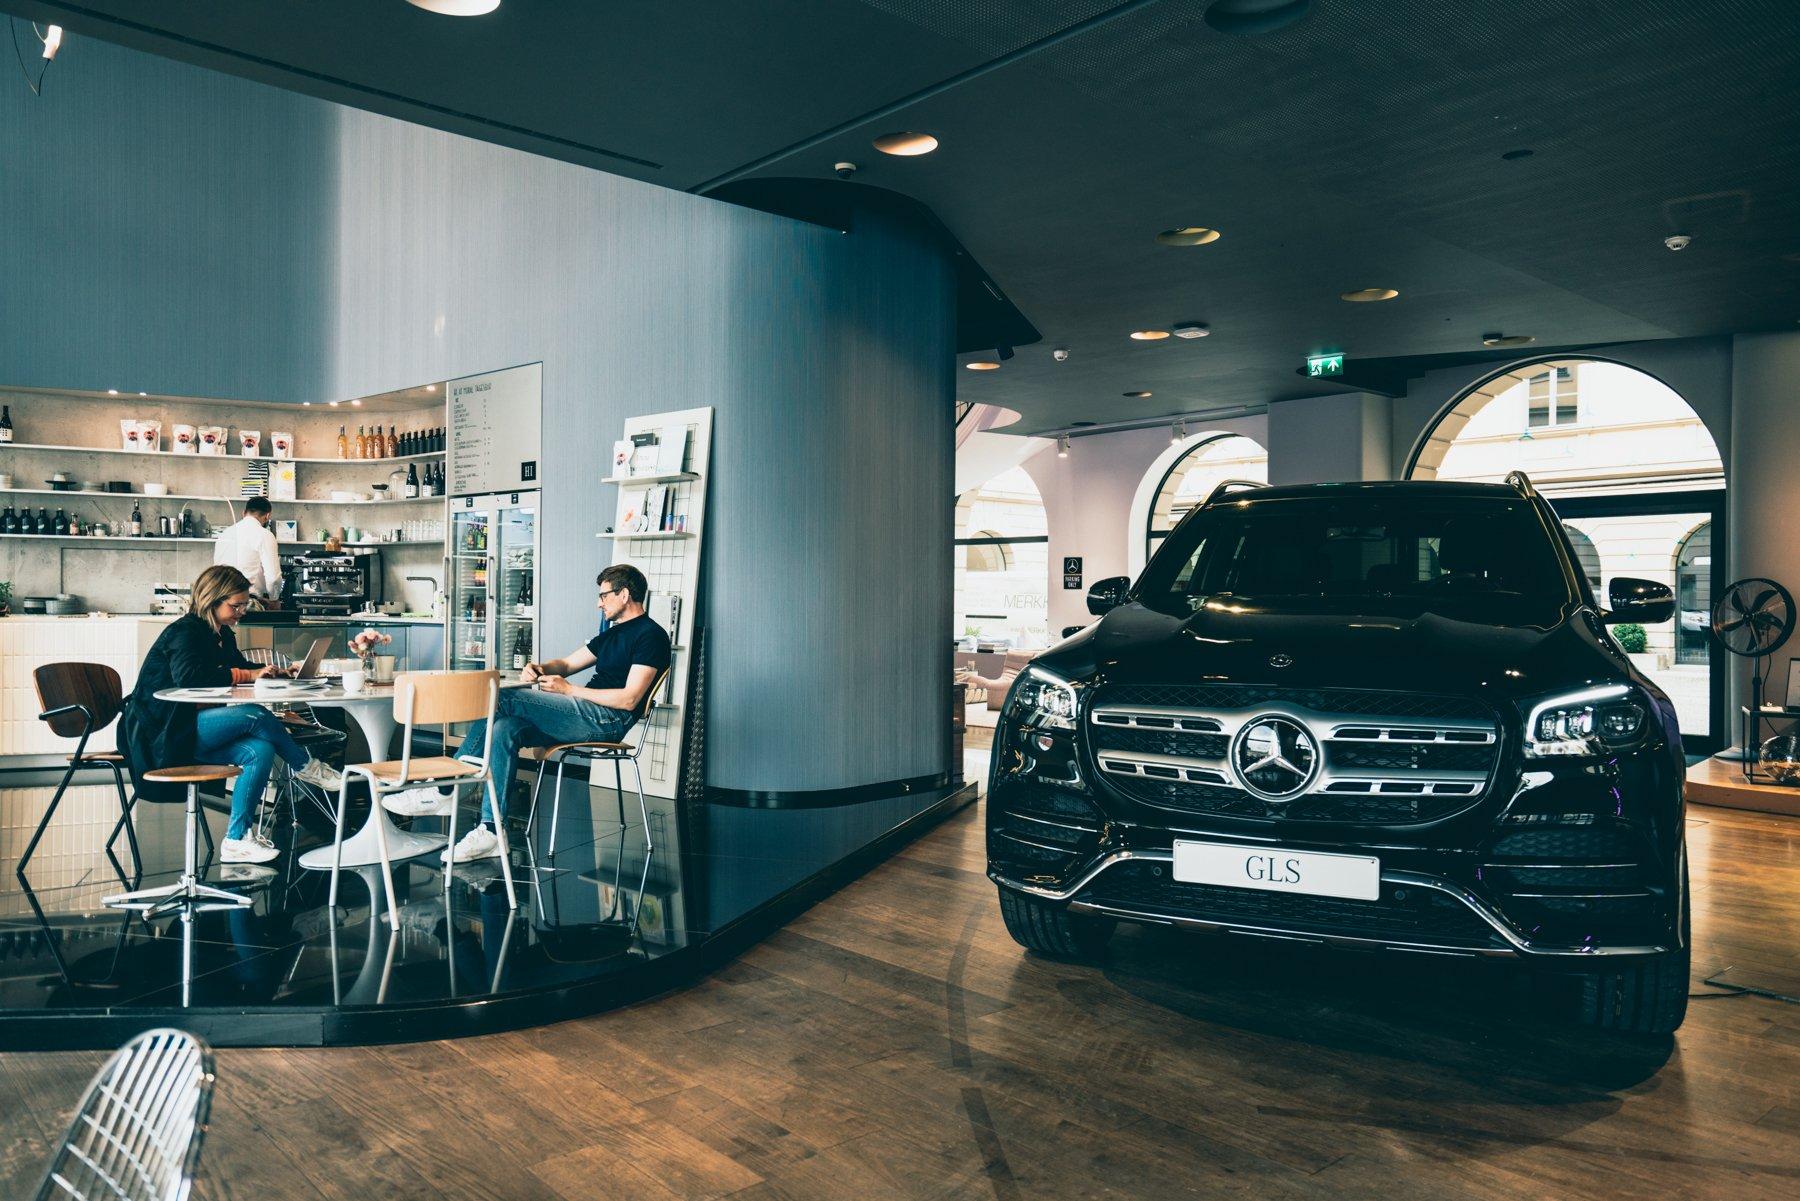 Geheimtippmuenchen Mercedesbenzshowroom 01218 – ©wunderland media GmbH